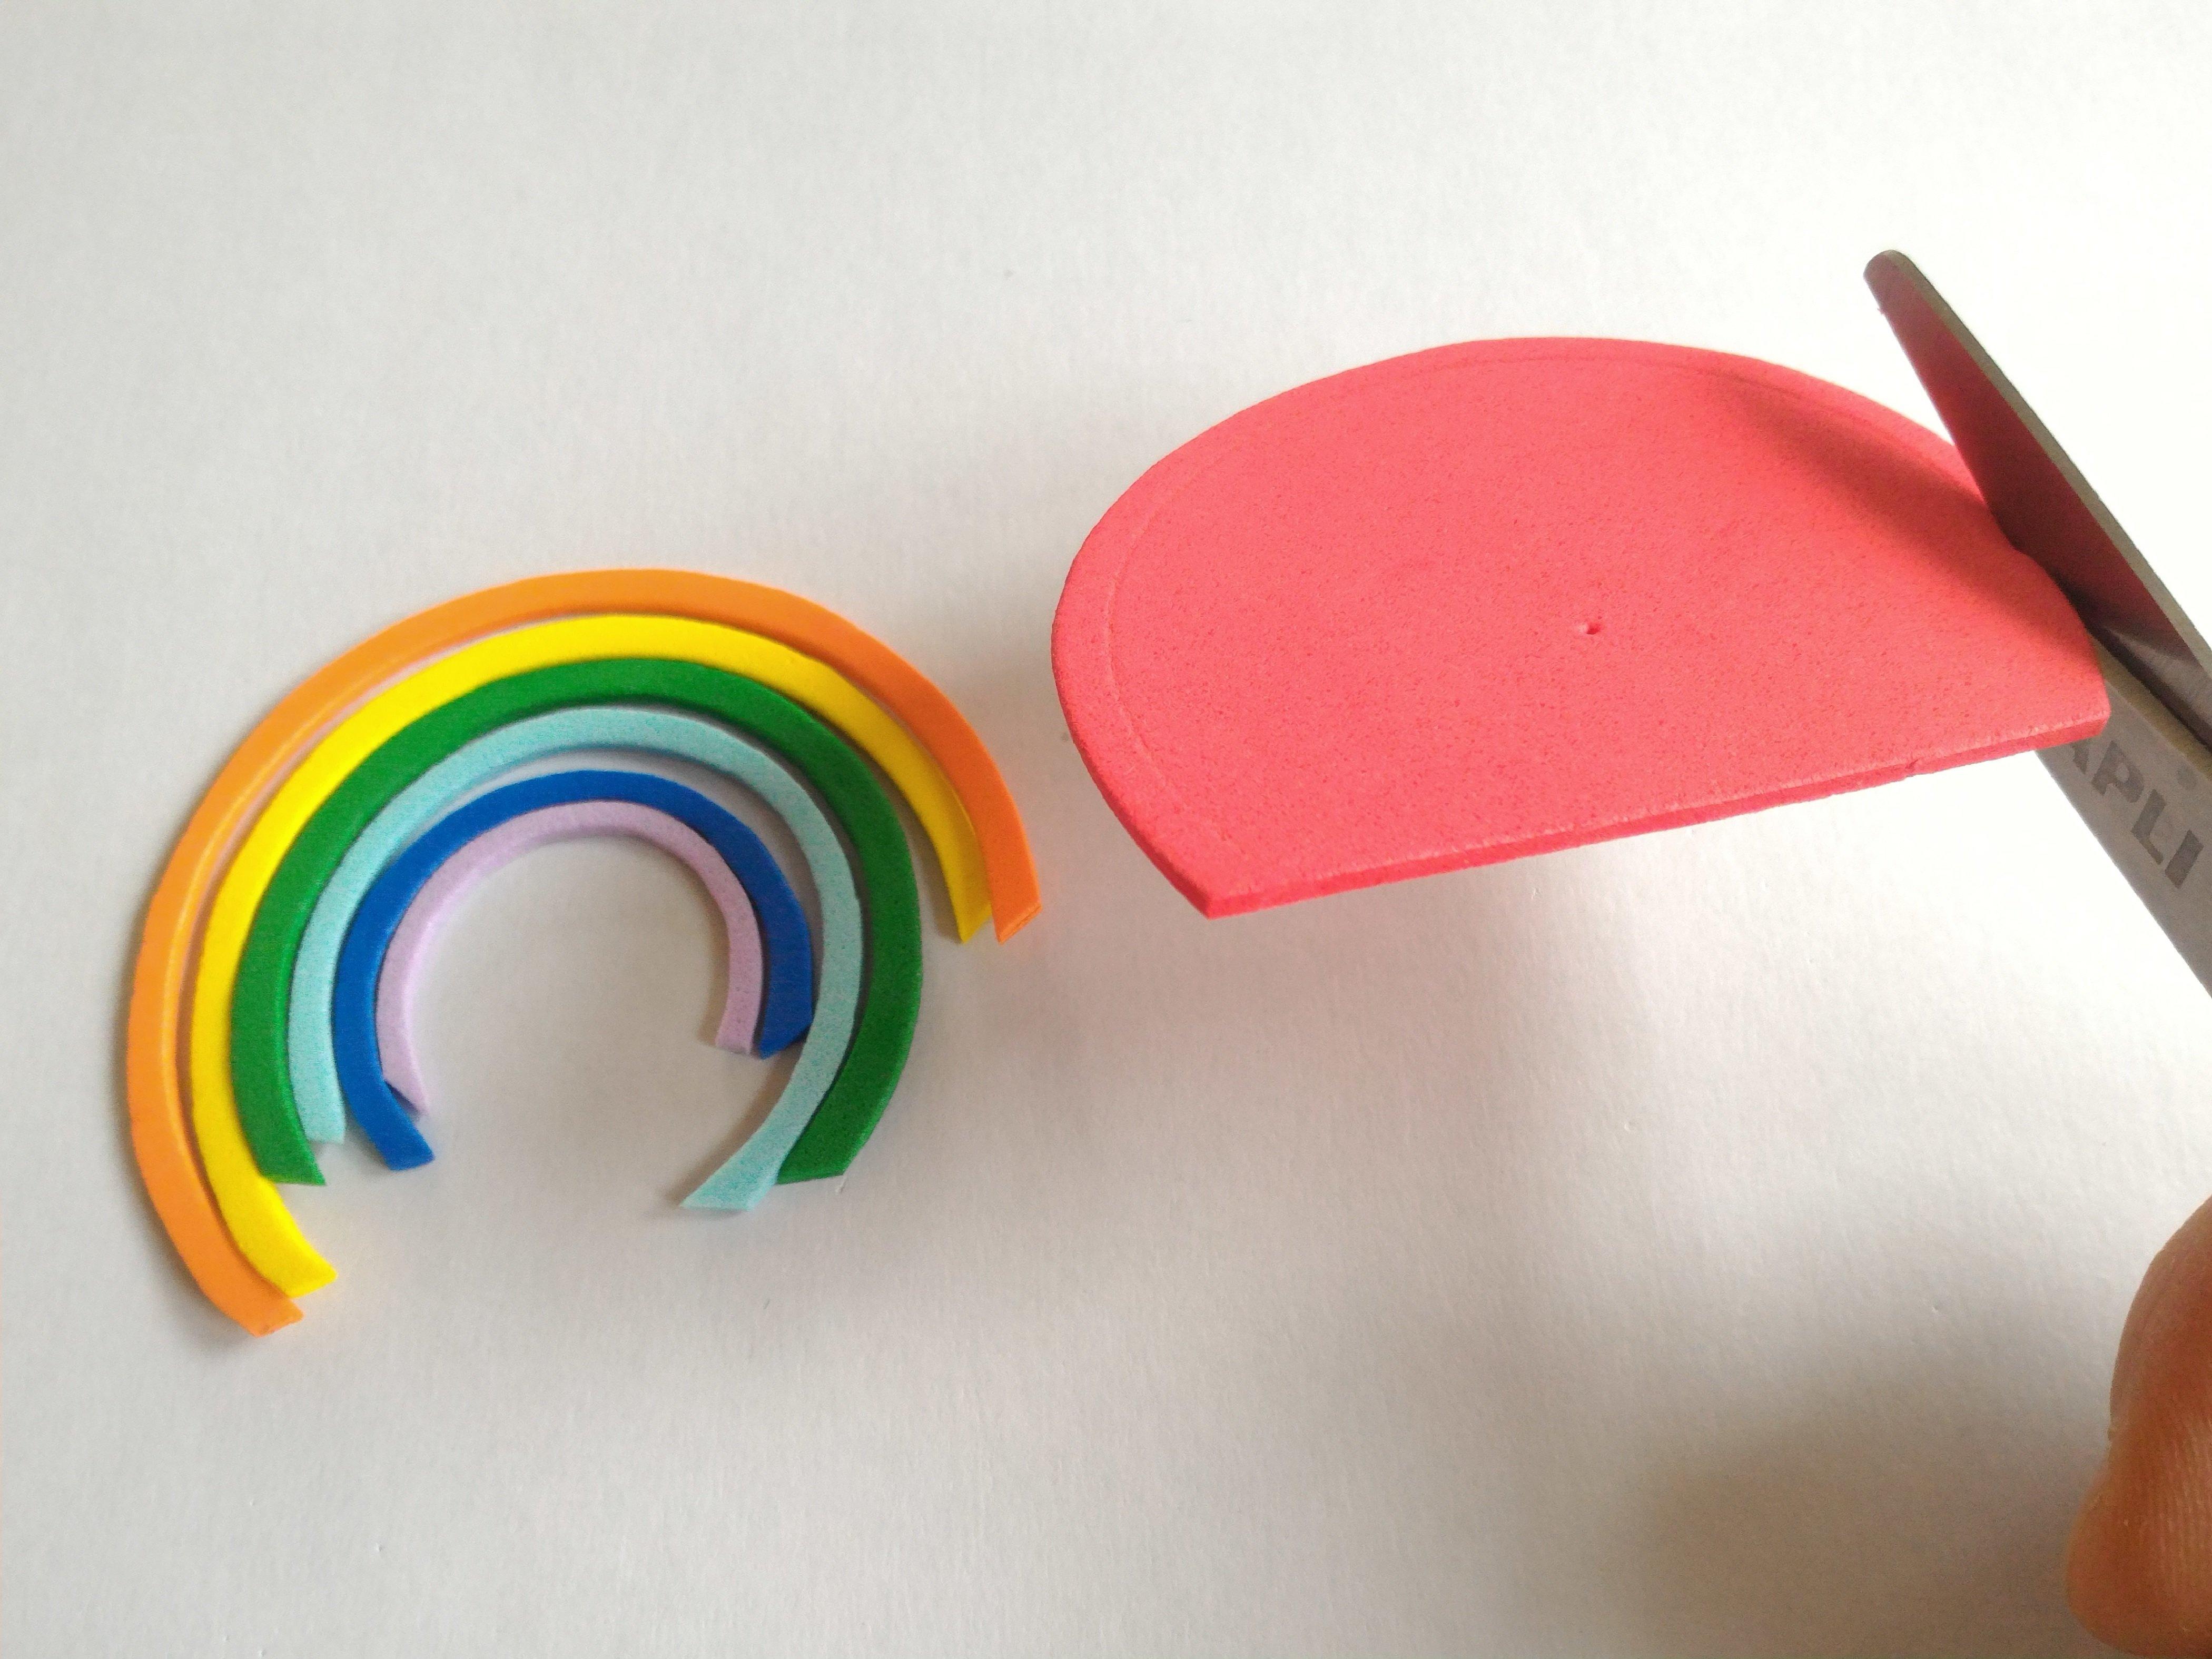 9 oam ouiareclafc rainbow chagaz et vous